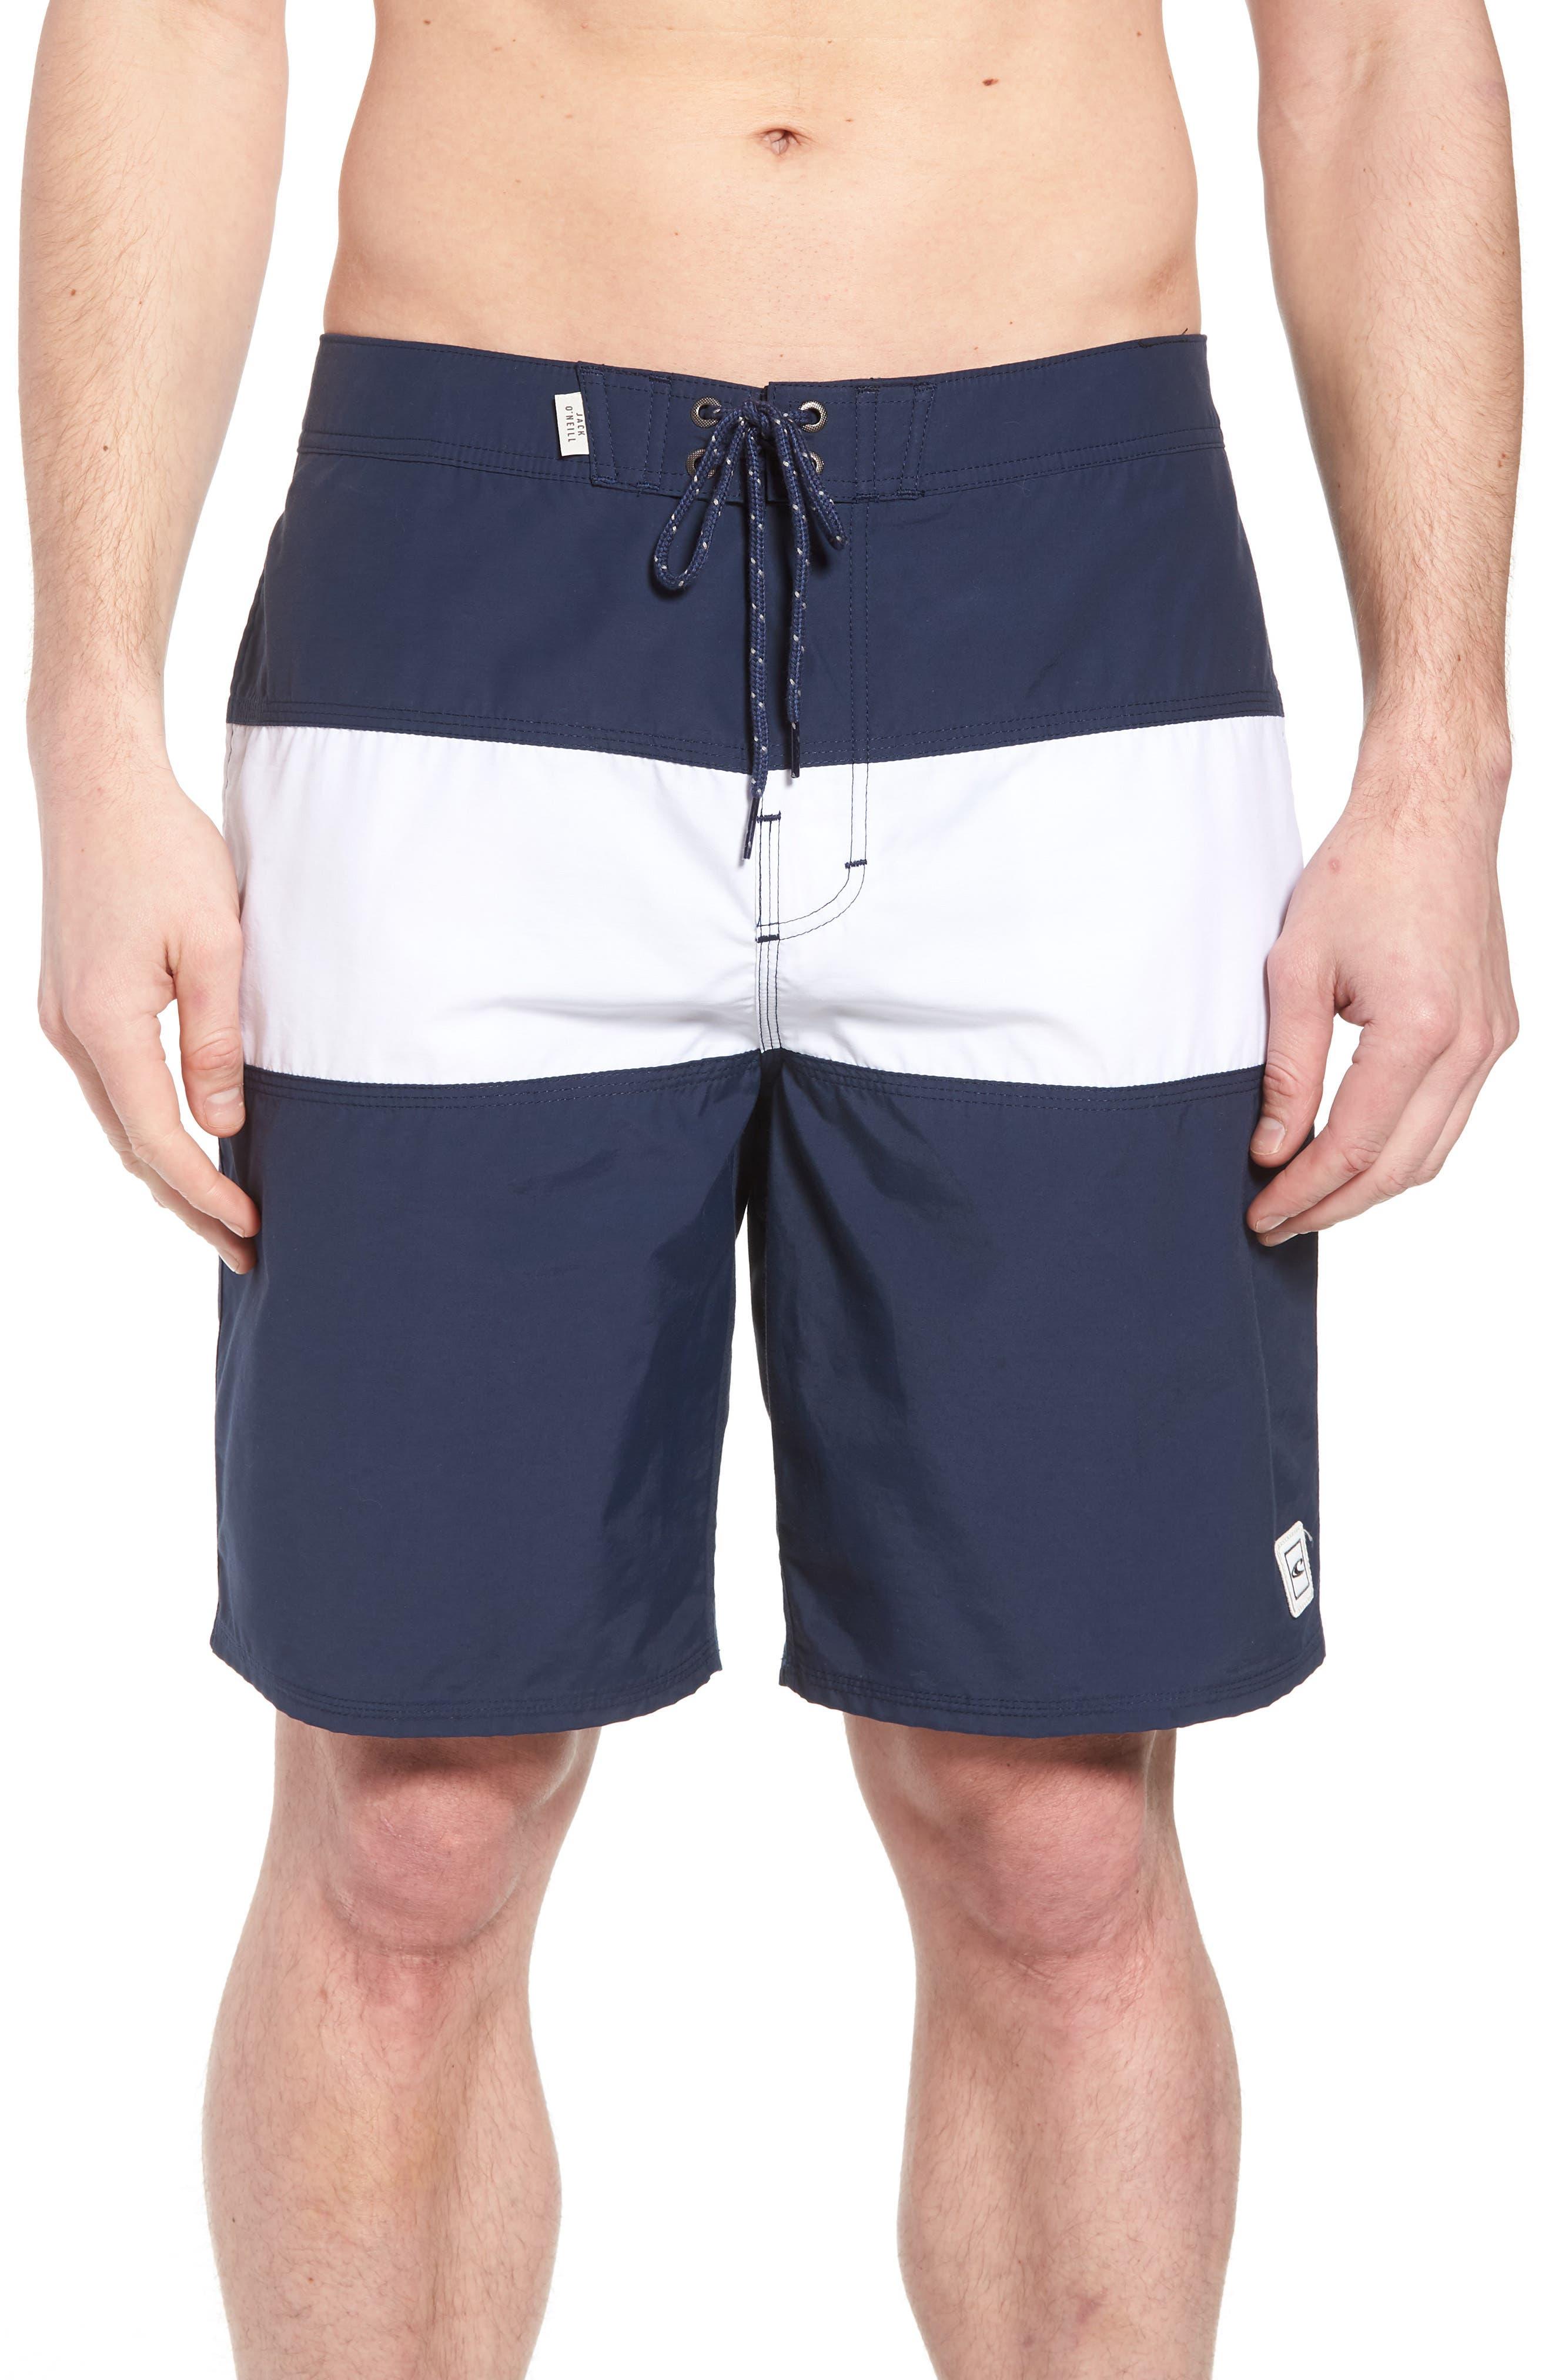 Jack O'Neill Heritage Board Shorts